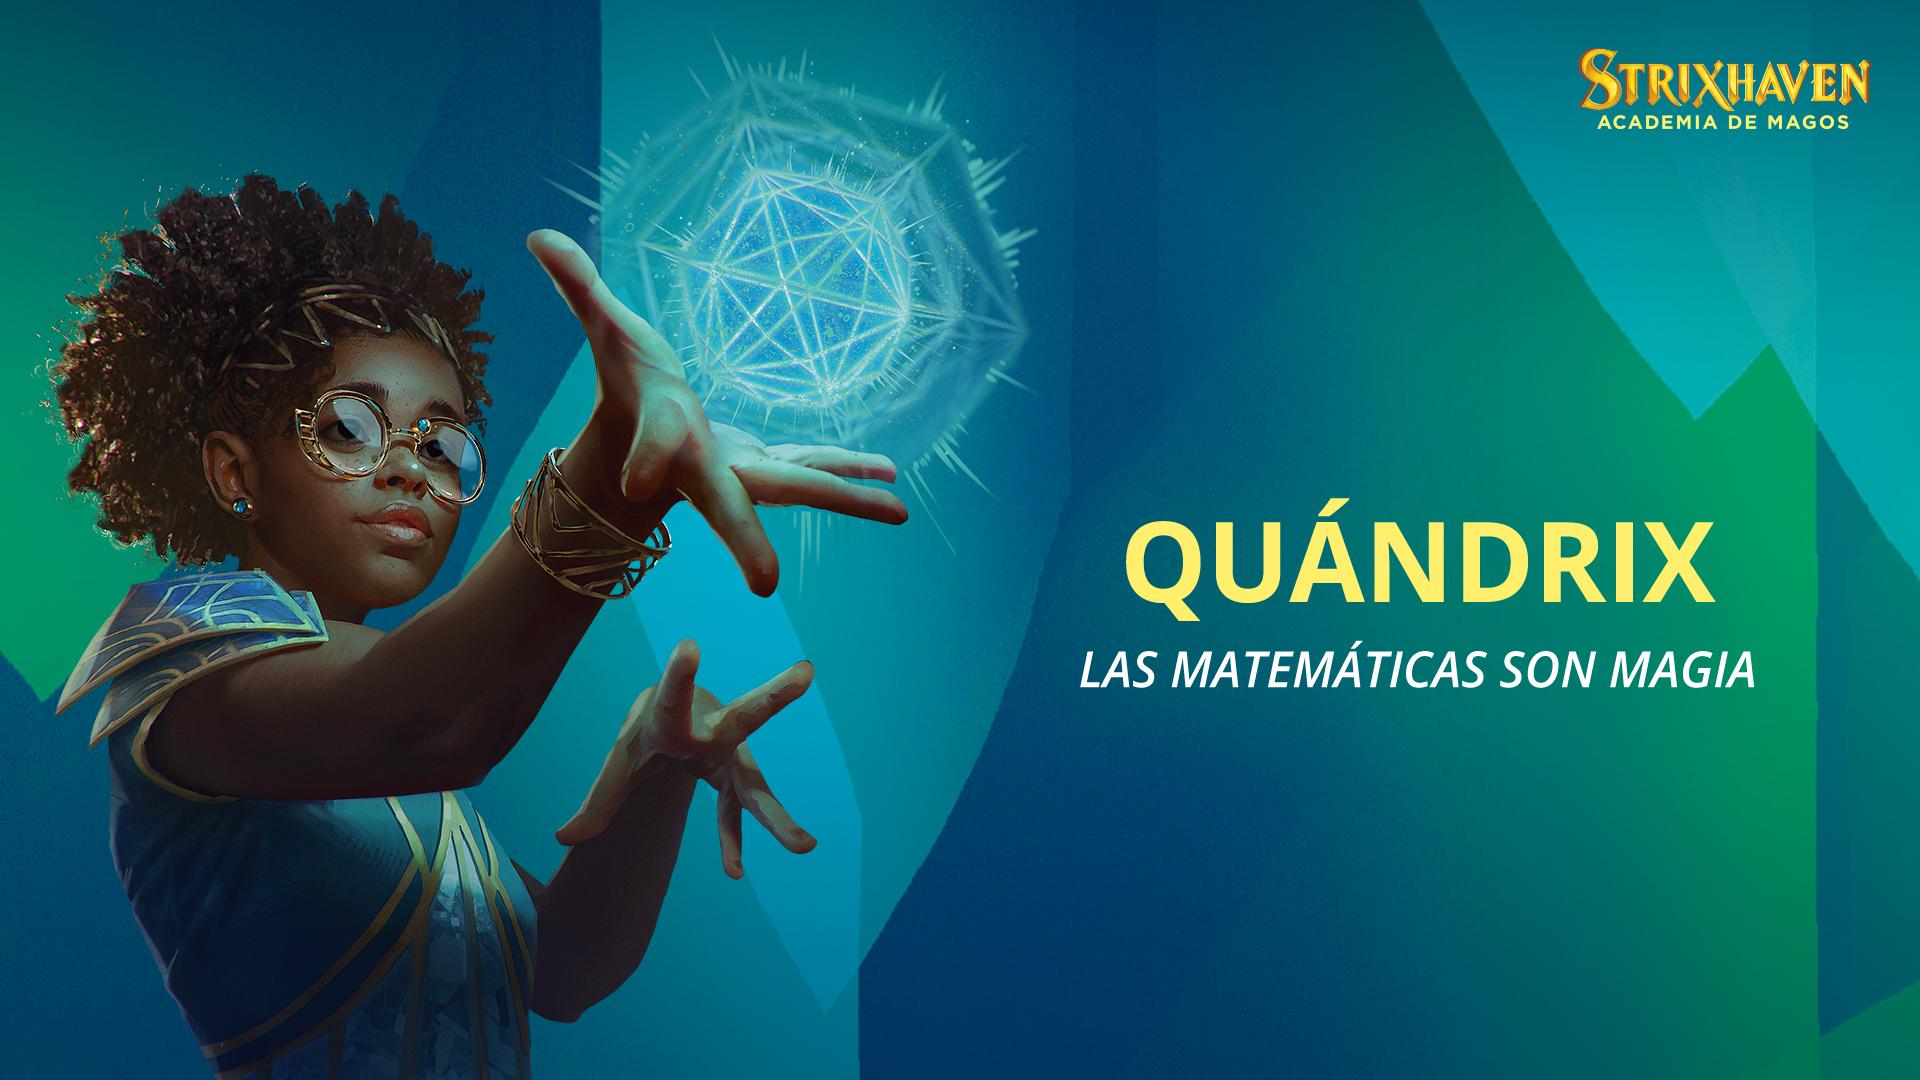 Quandrix art